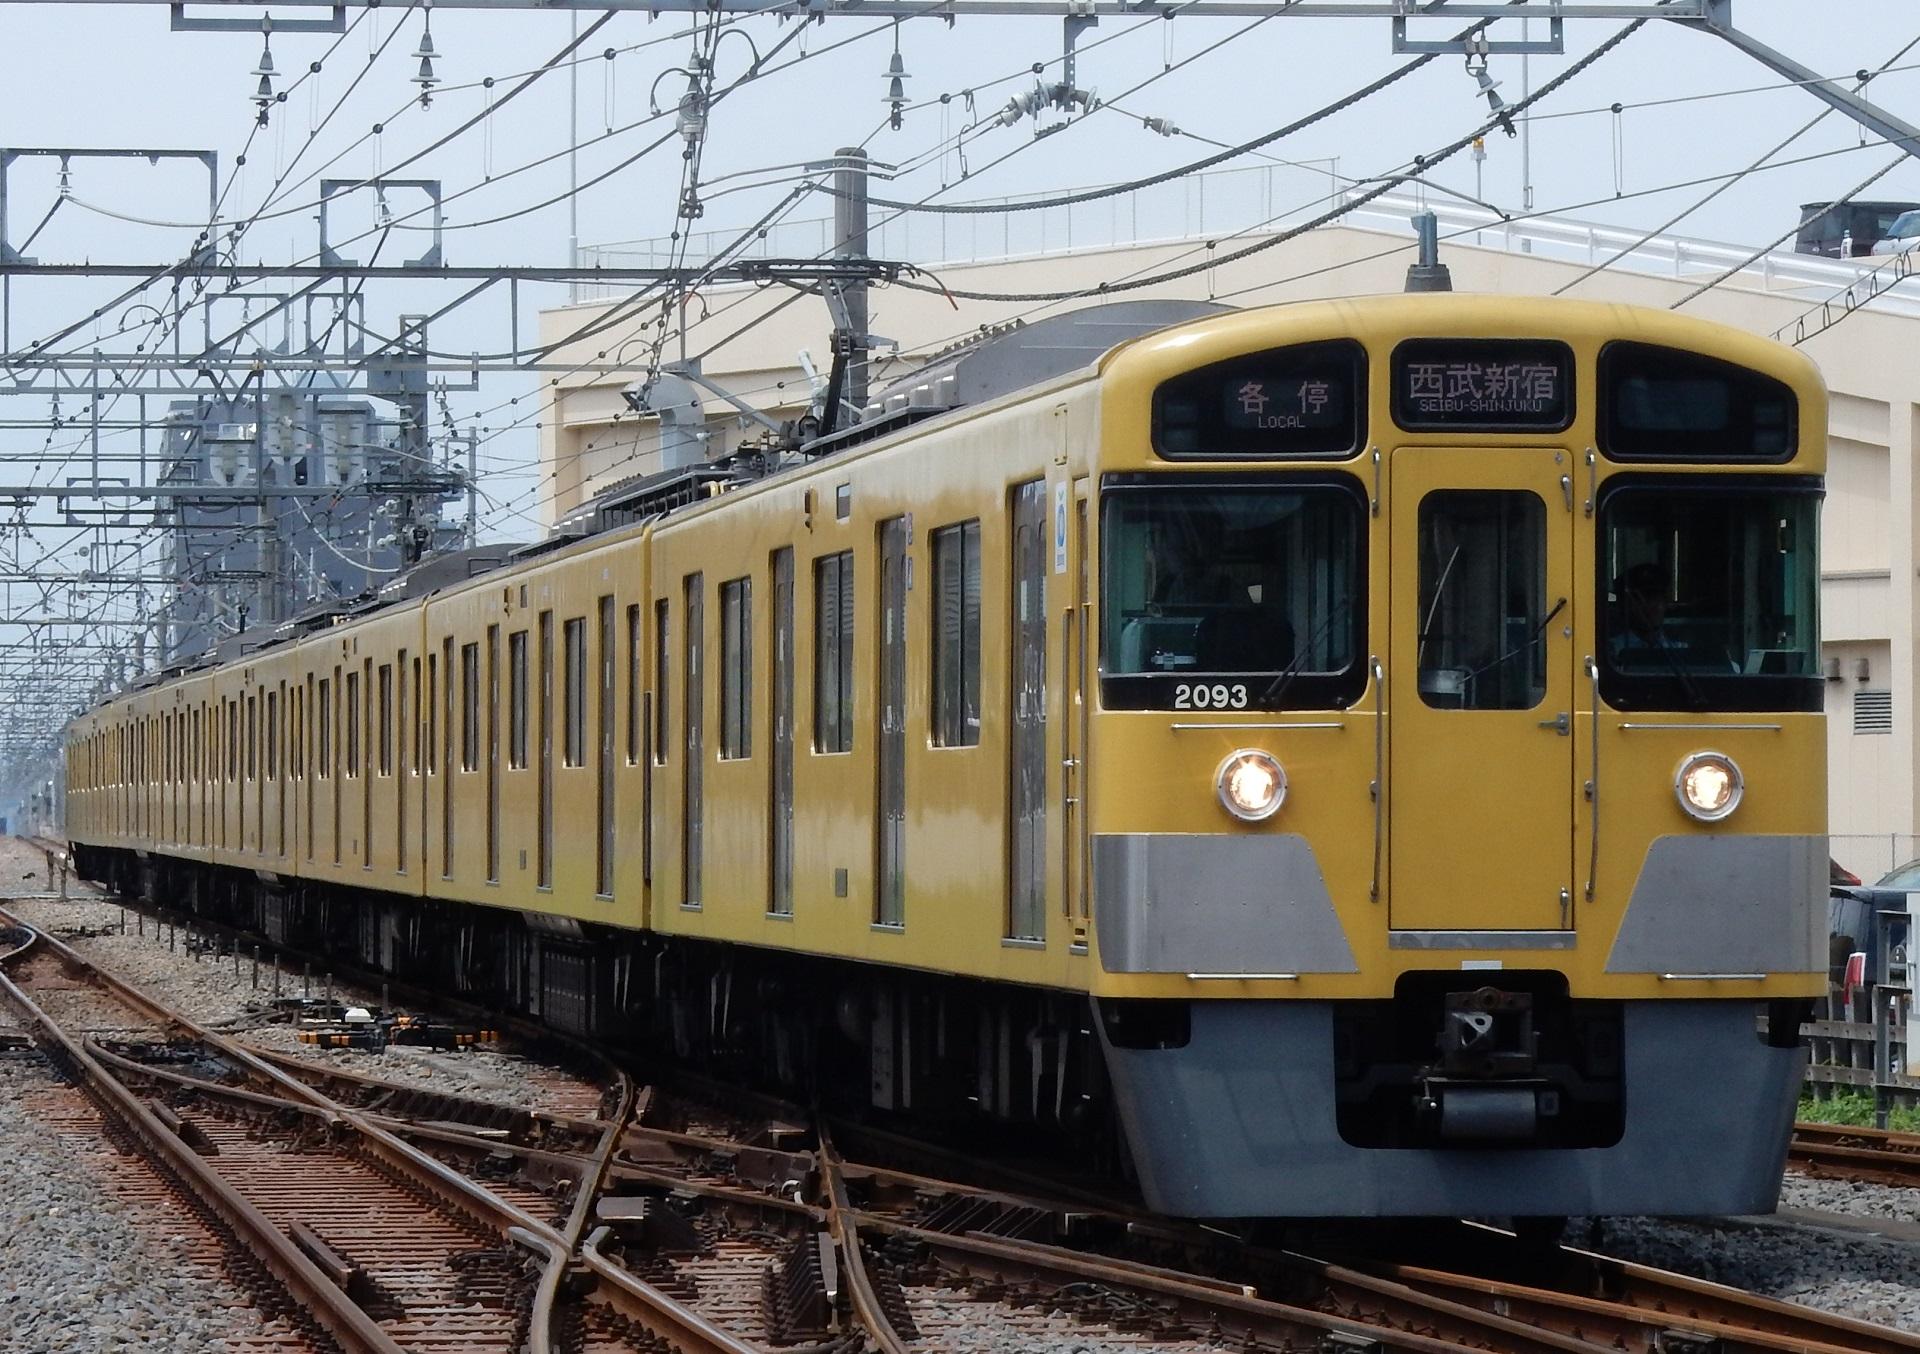 DSCN3525 - コピー